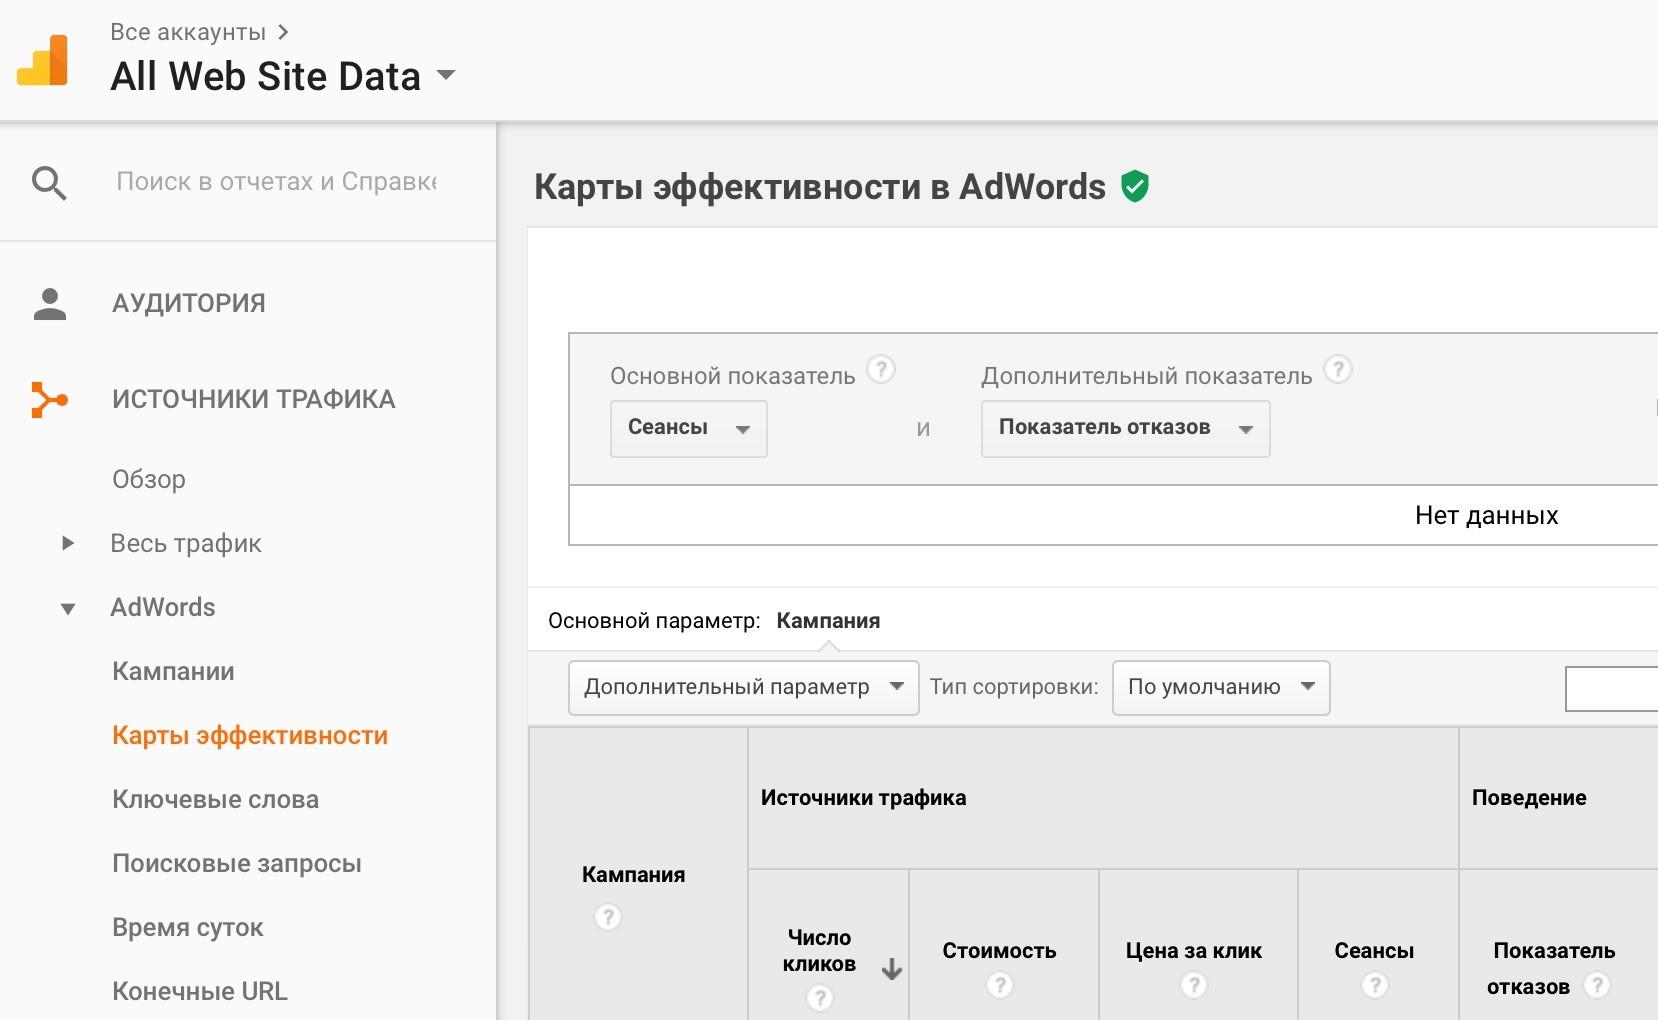 Контекстная реклама как источник дополнительного дохода для издателя реклама на районных сайтах москвы